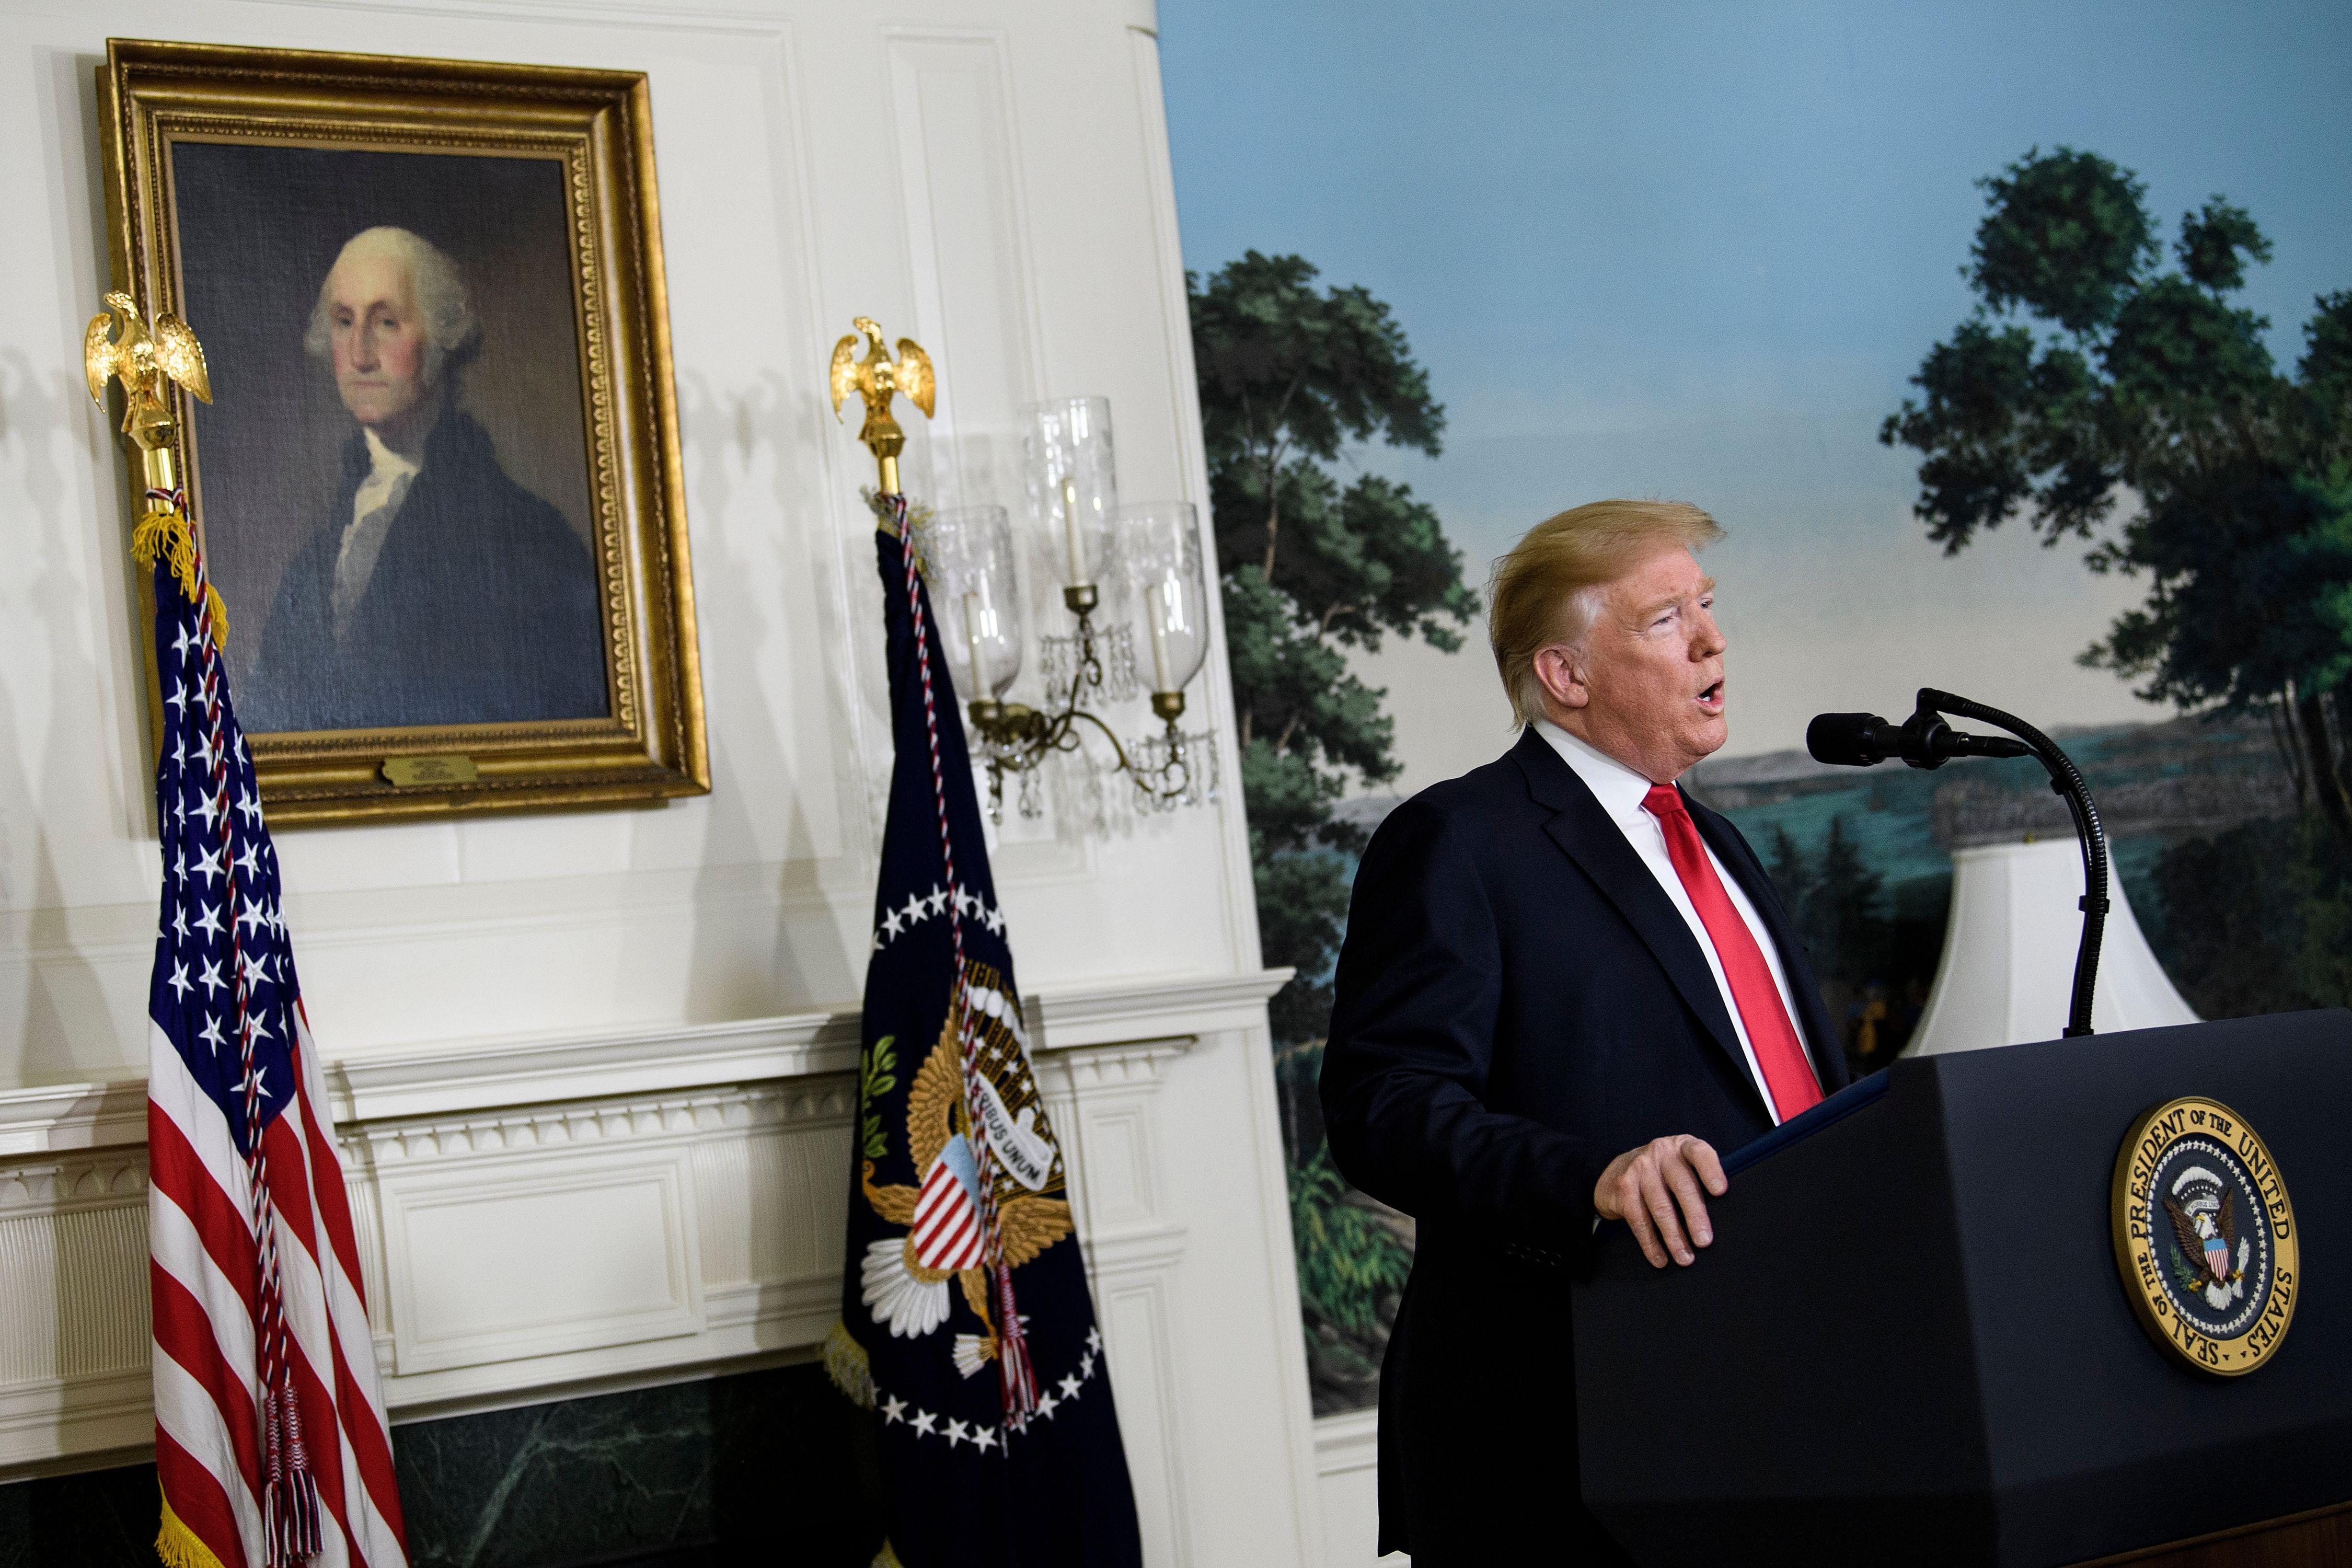 Trump speaking at a podium.